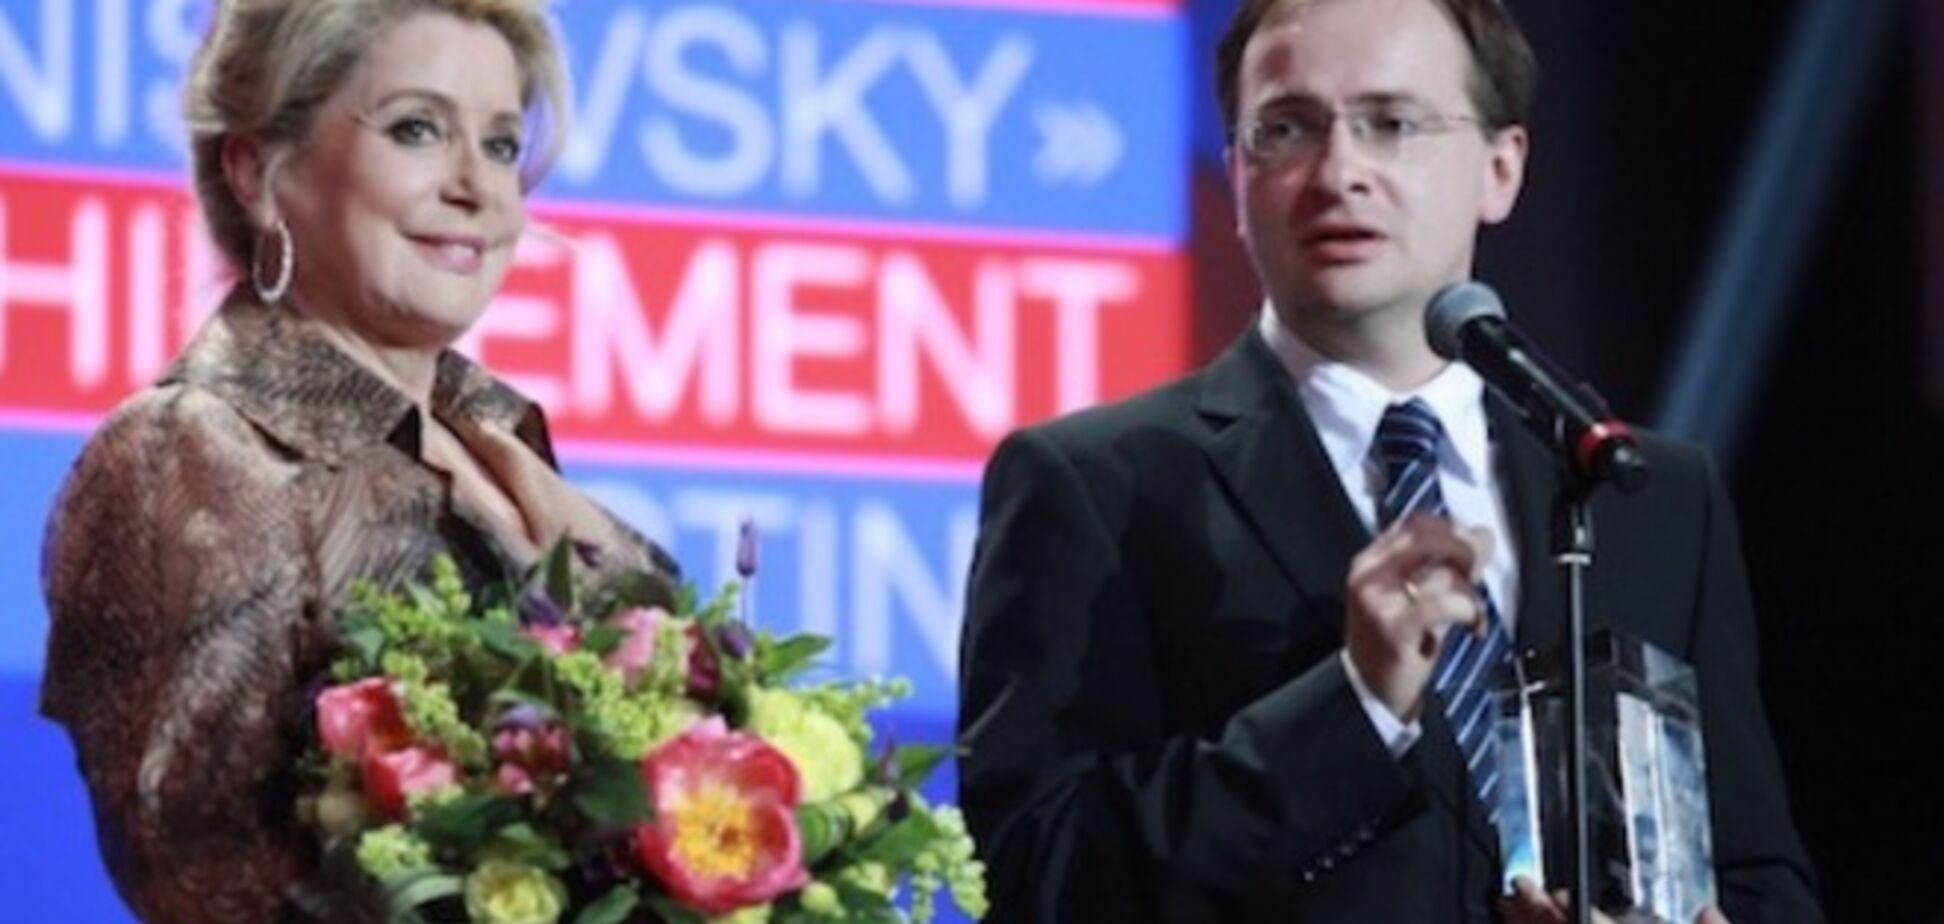 Министр культуры РФ оконфузился на открытии кинофестиваля